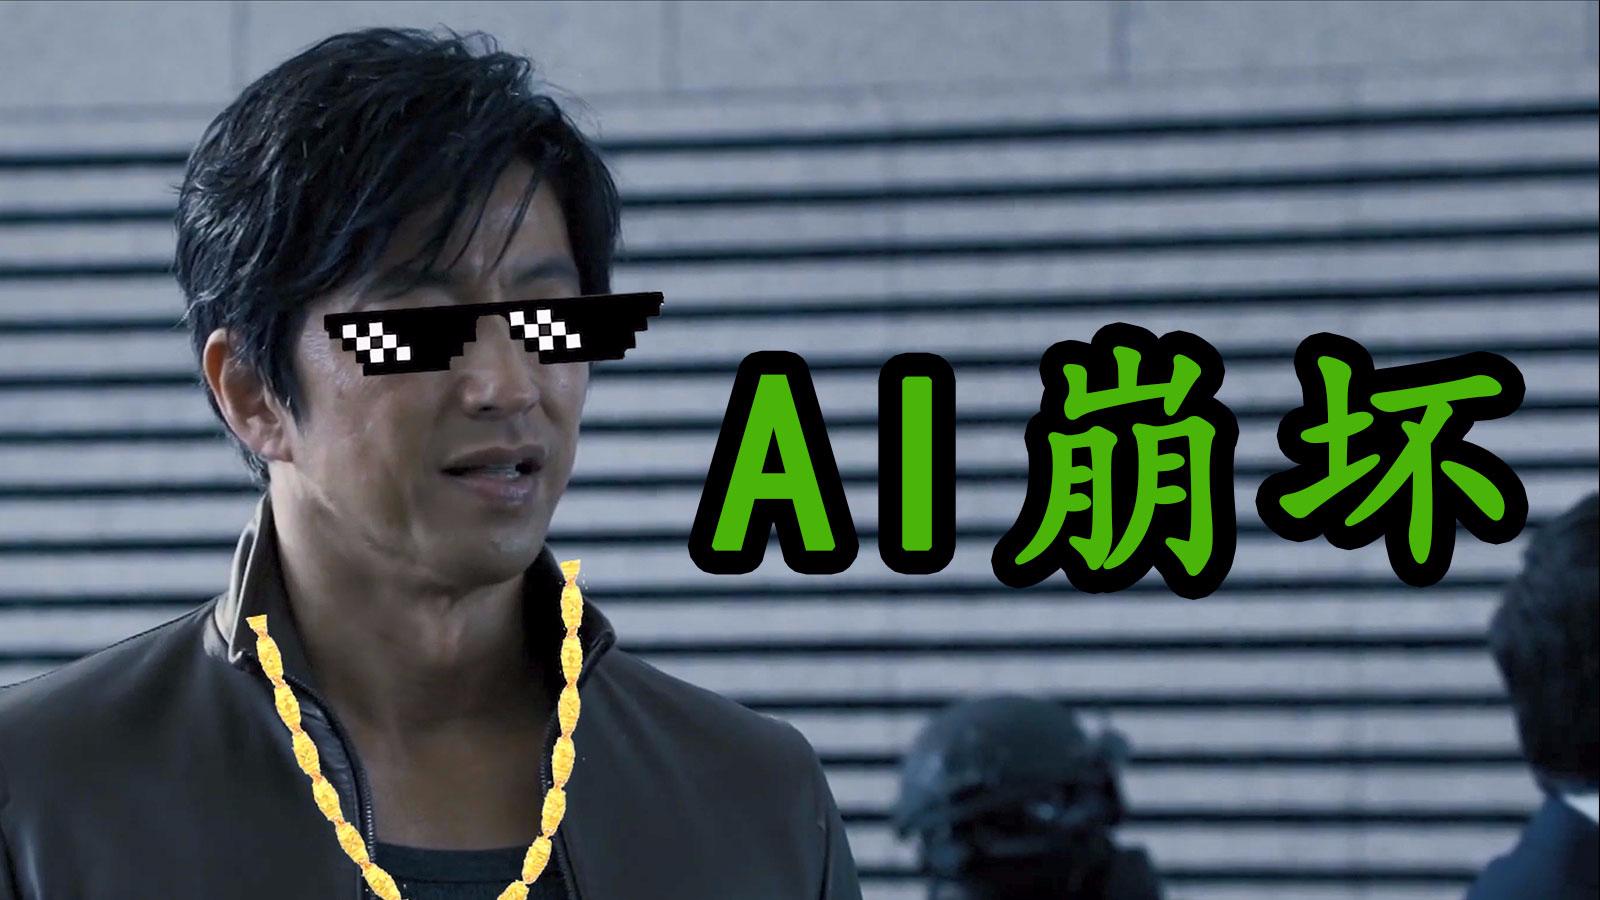 【森崎电影院】AI黑化开始人类清除计划  科幻电影《AI崩坏》